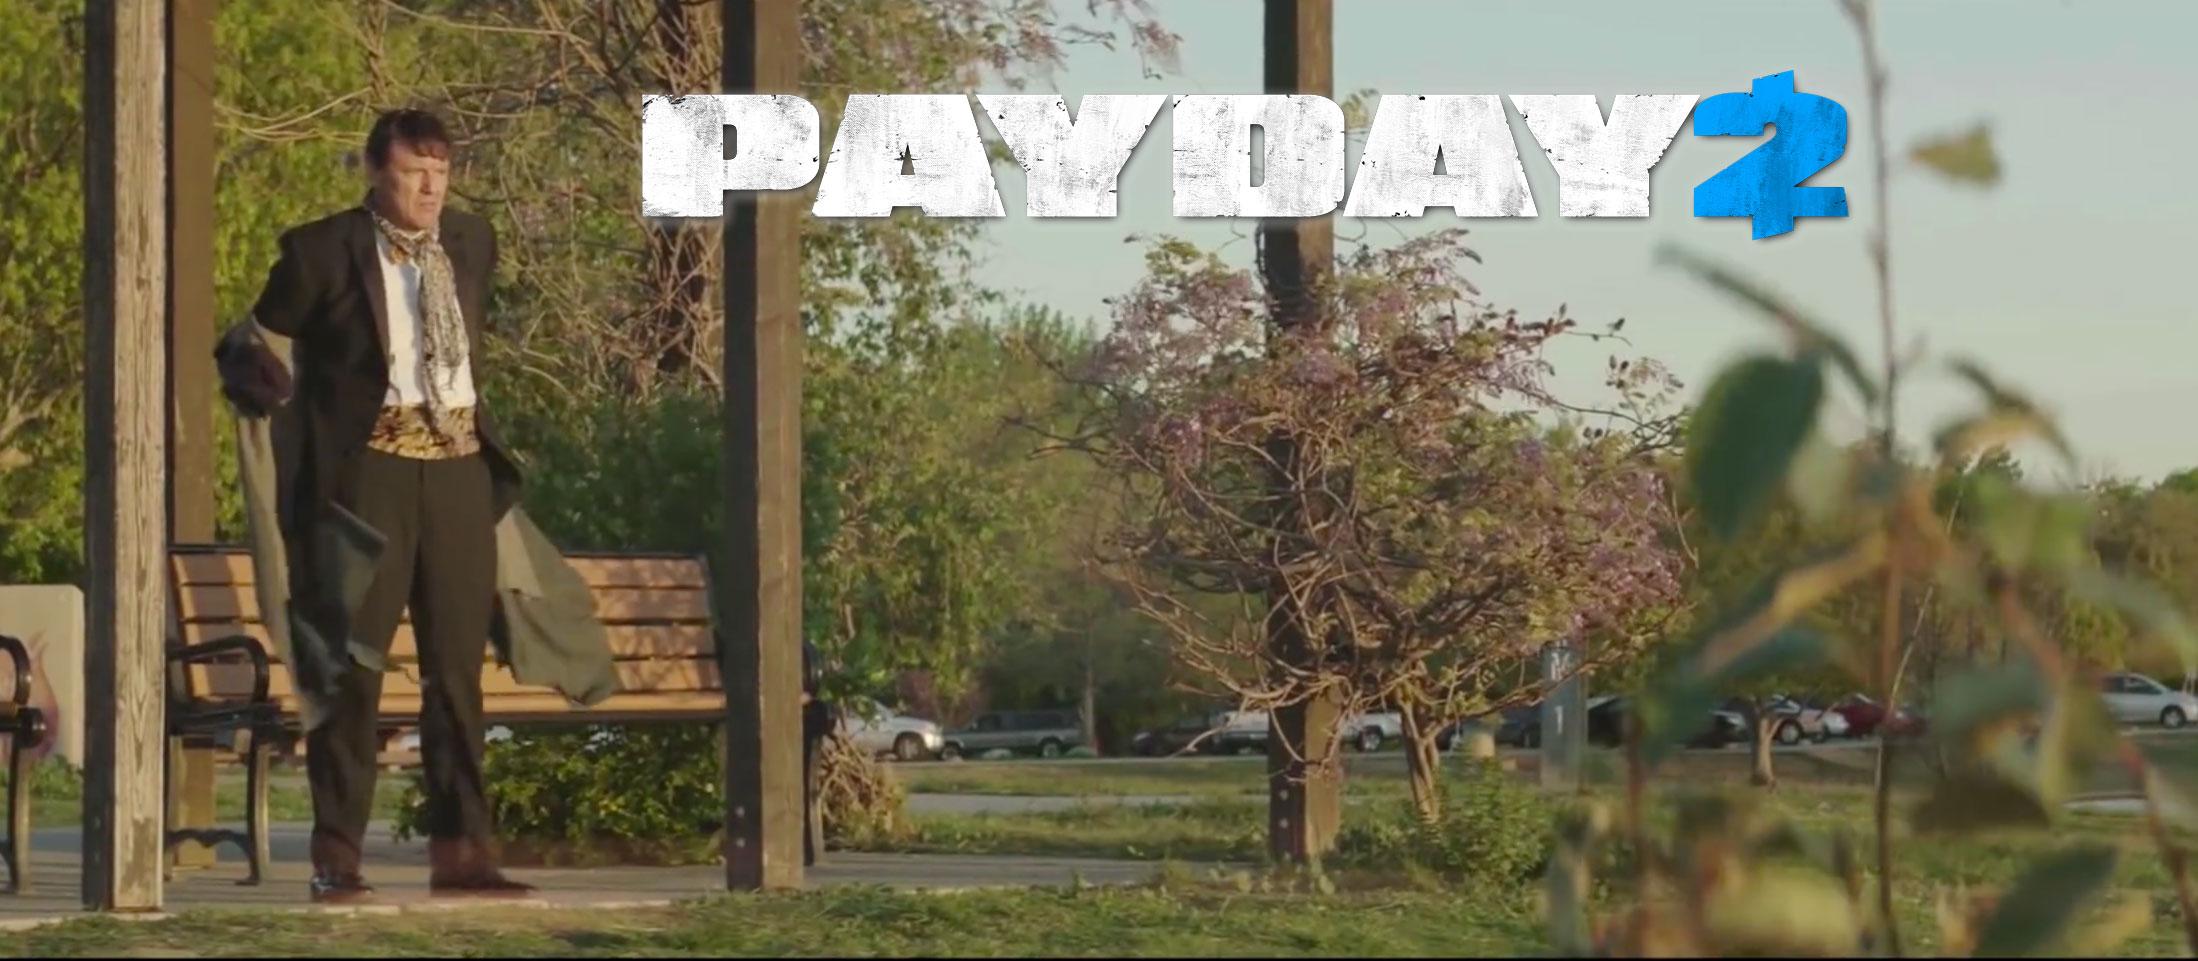 VD_payday2_vlad_banner.jpg